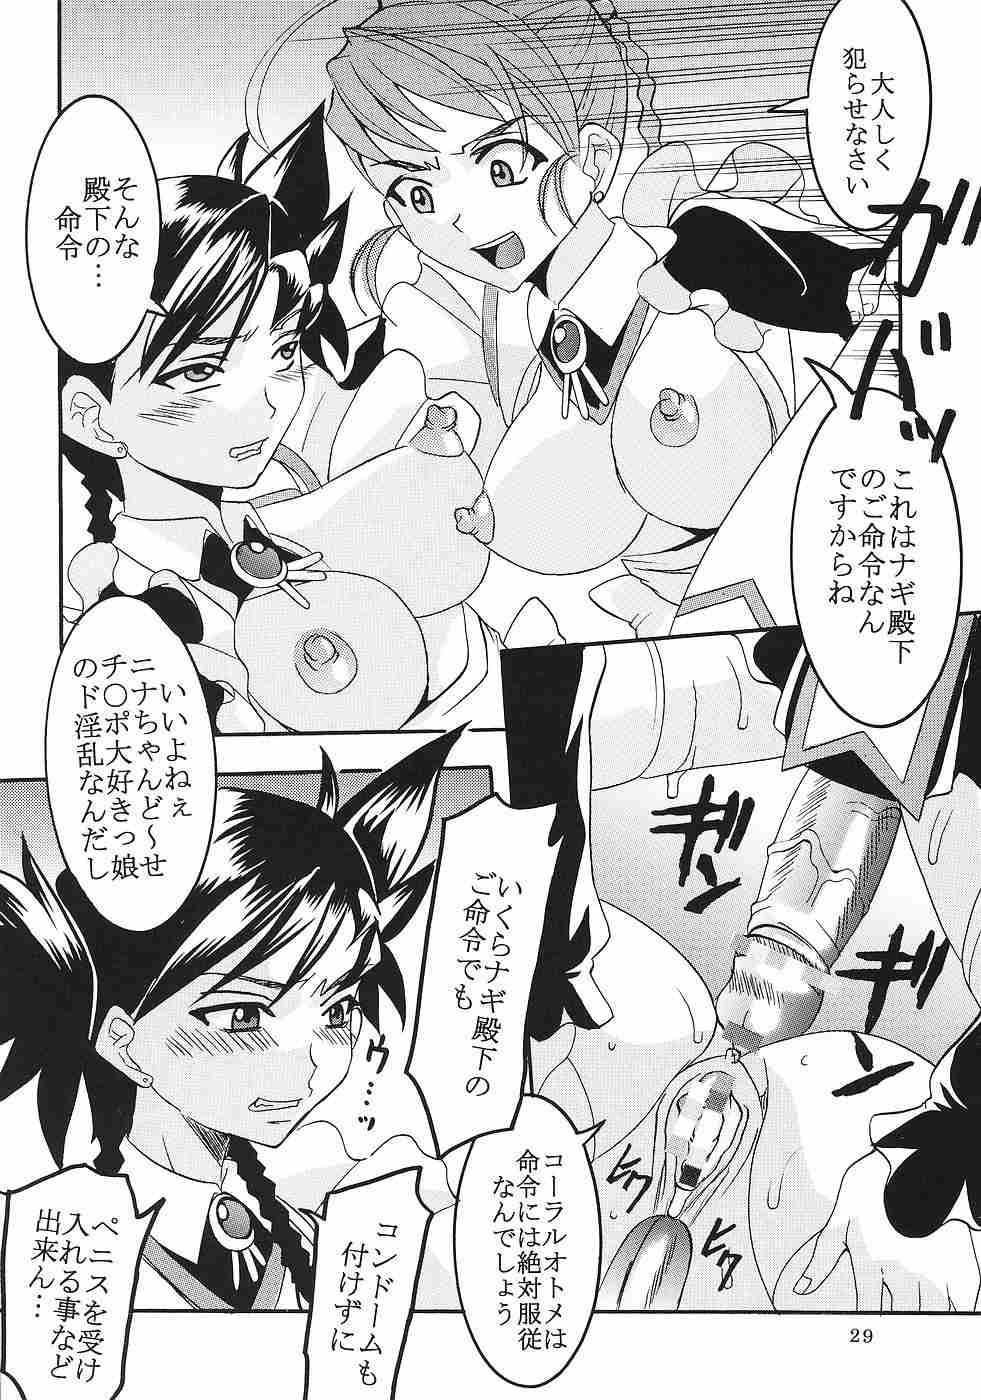 Shakume No Mai Otsukamichu 2 29